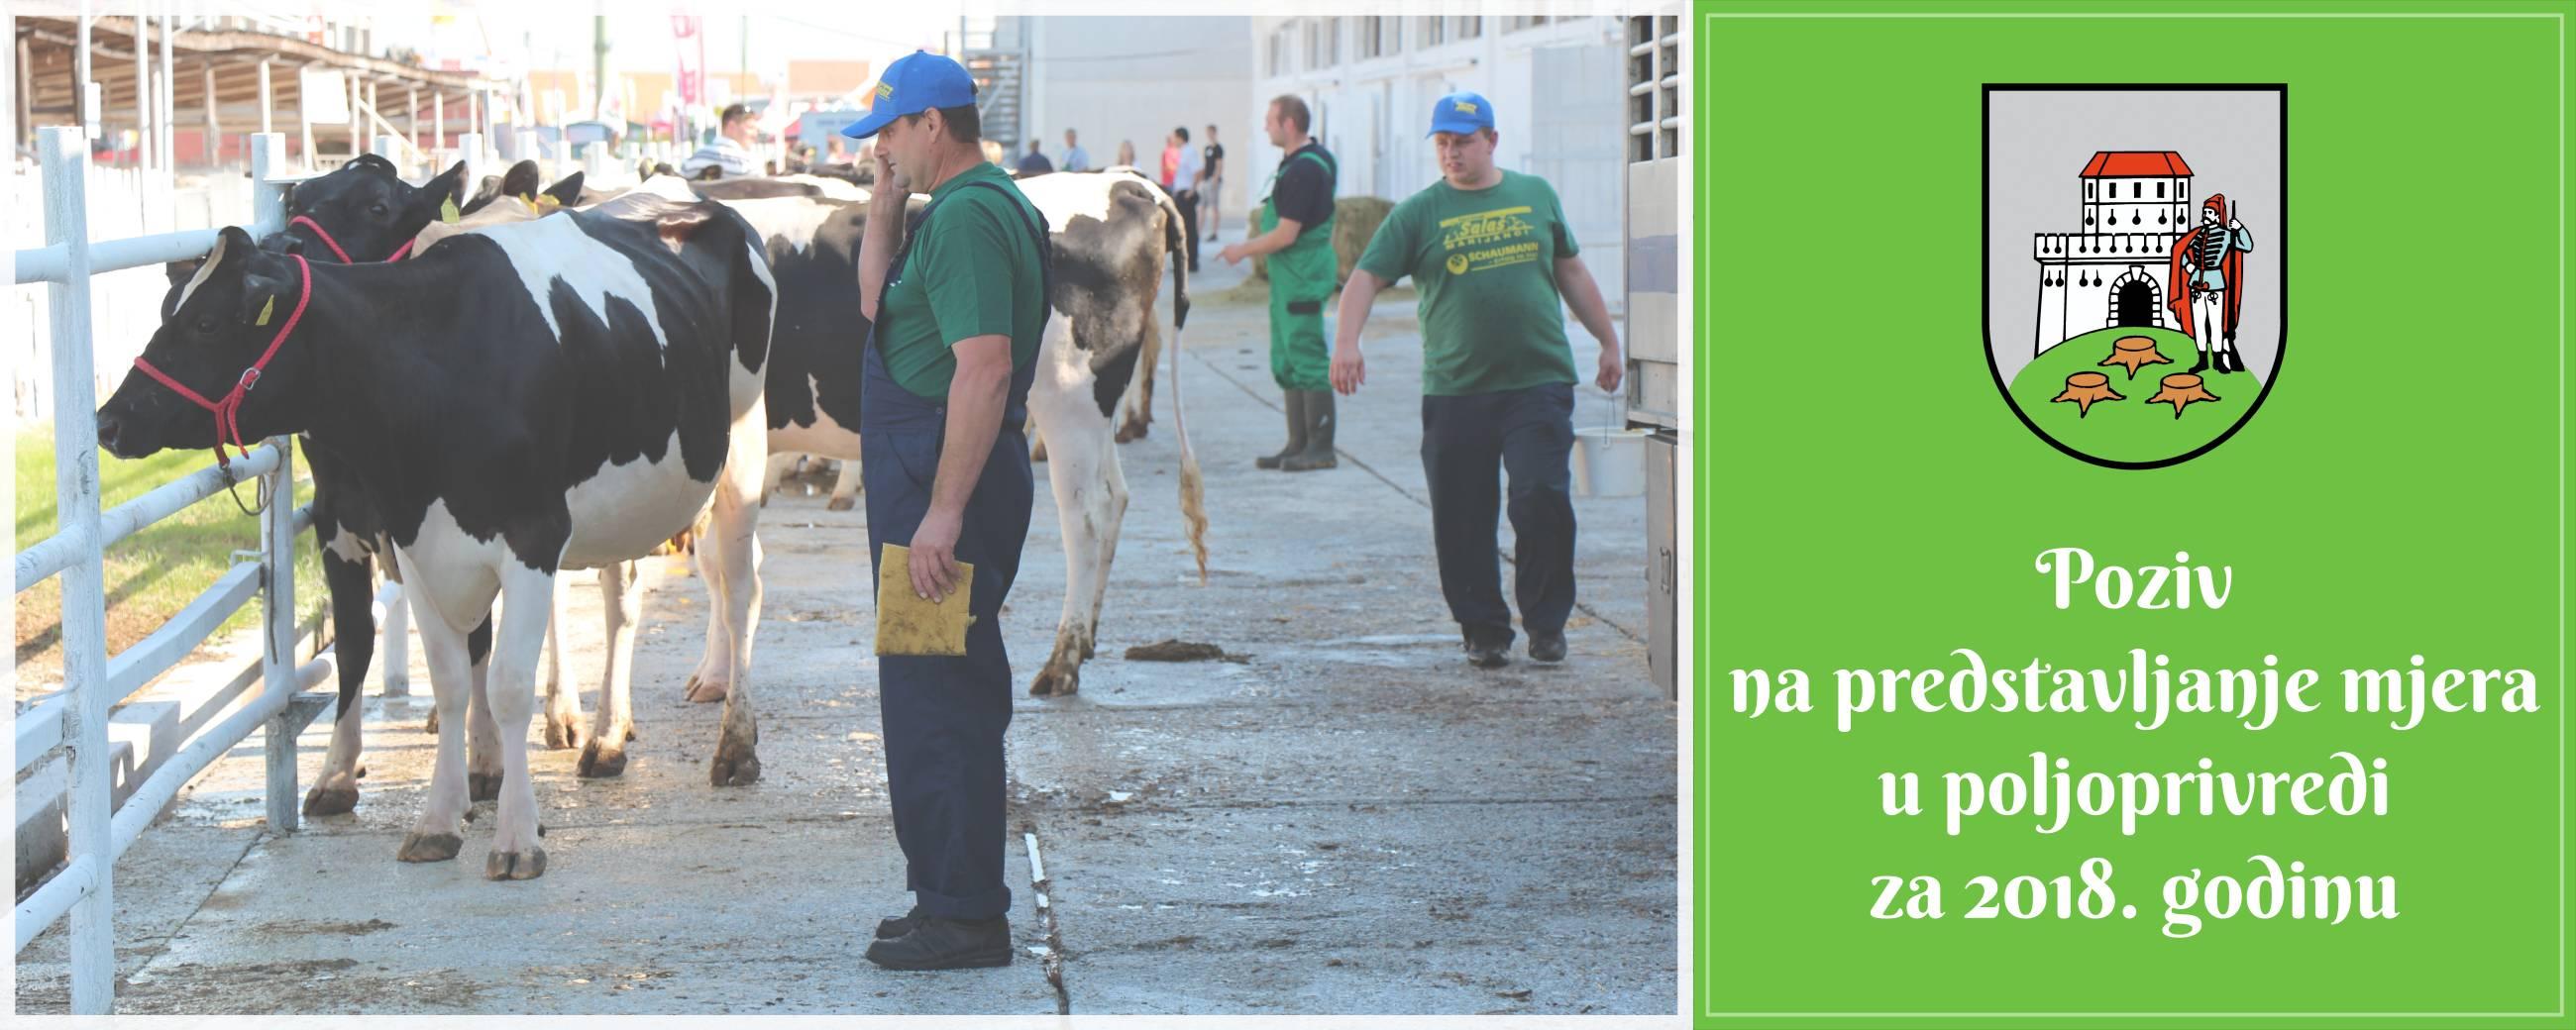 Poziv na predstavljanje mjera u poljoprivredi za 2018. godinu (FOTO: Branka Sobodić)